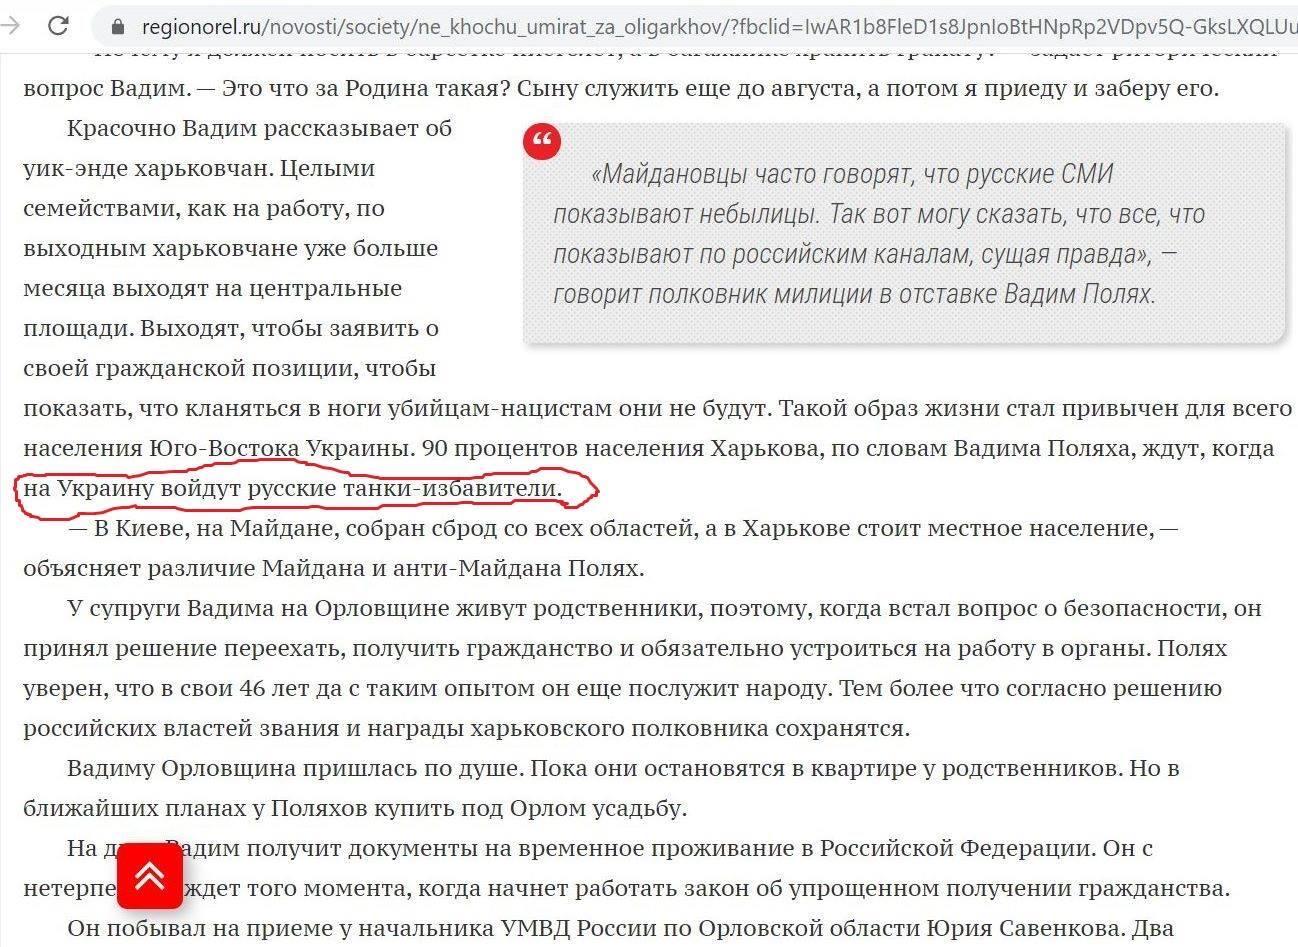 В Харькове начальником безопасности танкового завода назначили украинофоба и сепаратиста Вадима Поляха, который работал на РФ и звал русские танки